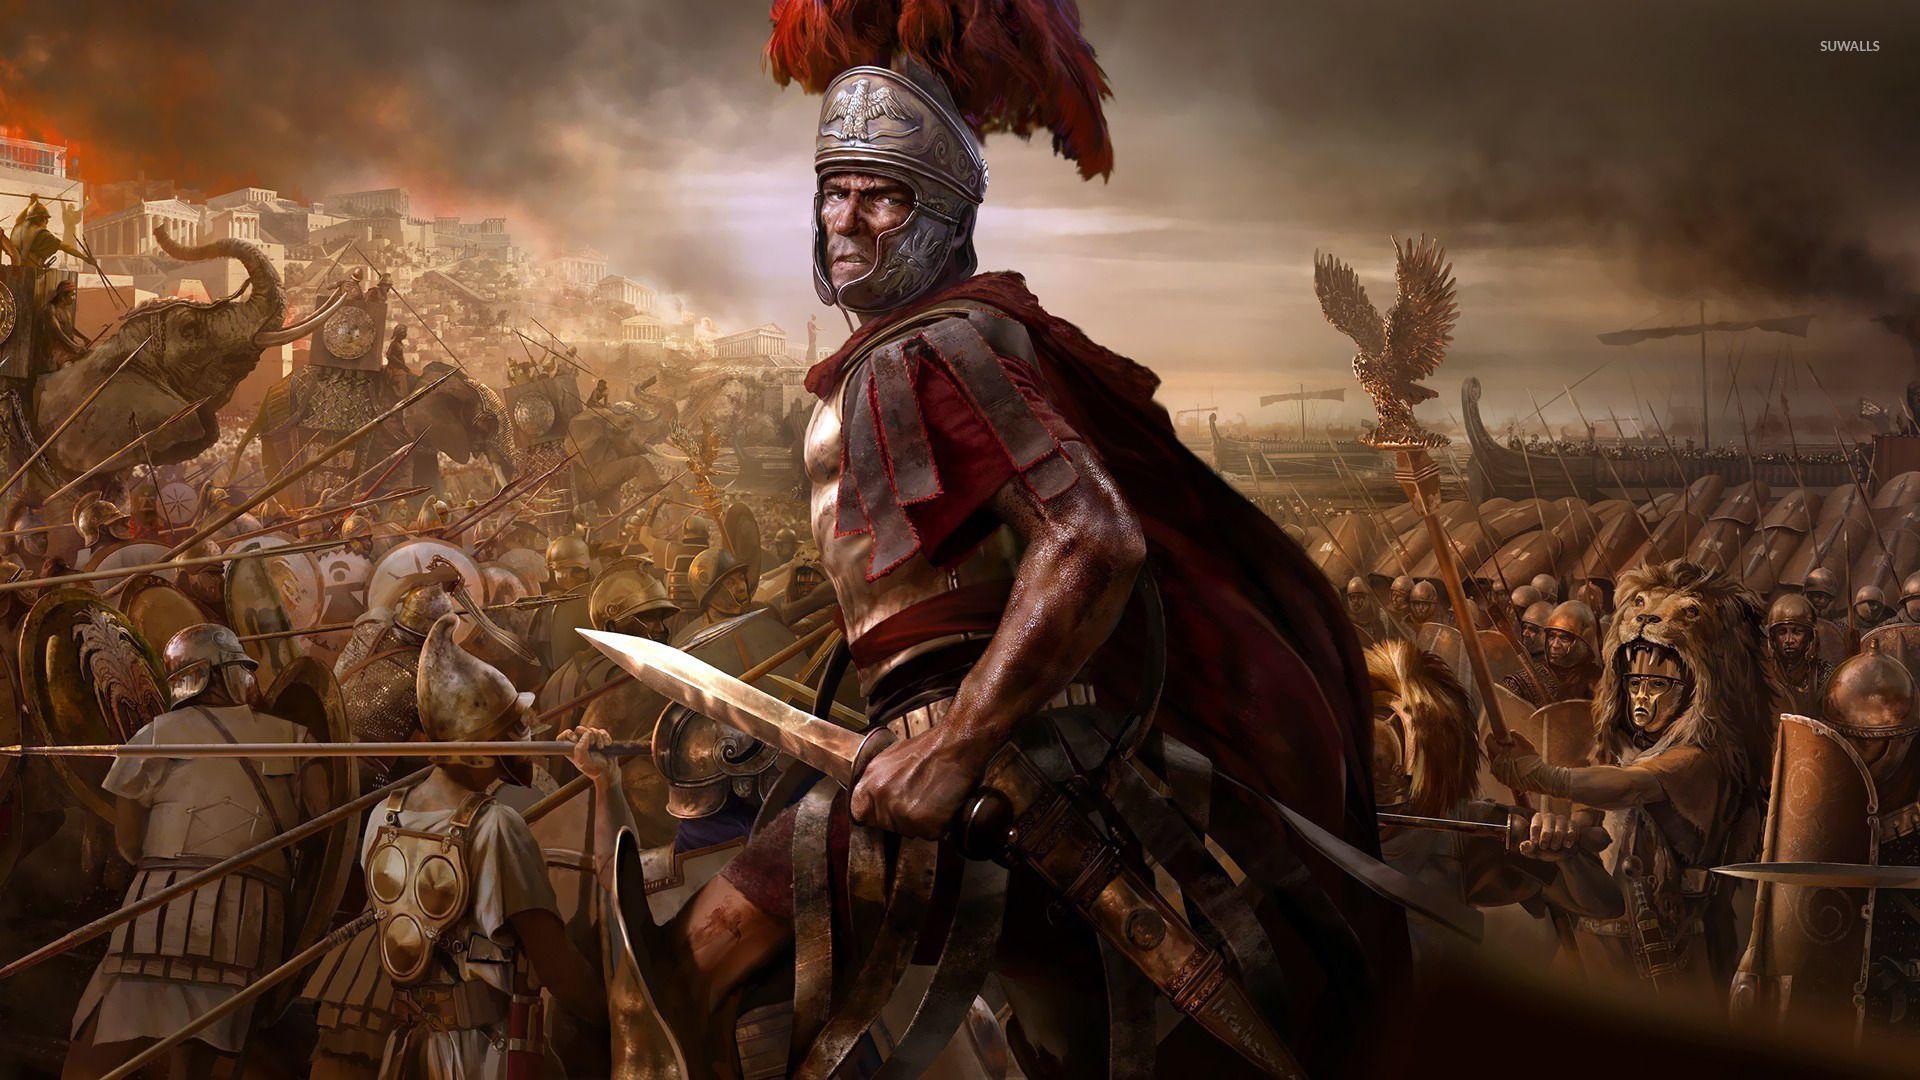 Roman War Wallpapers   Top Roman War Backgrounds 1920x1080